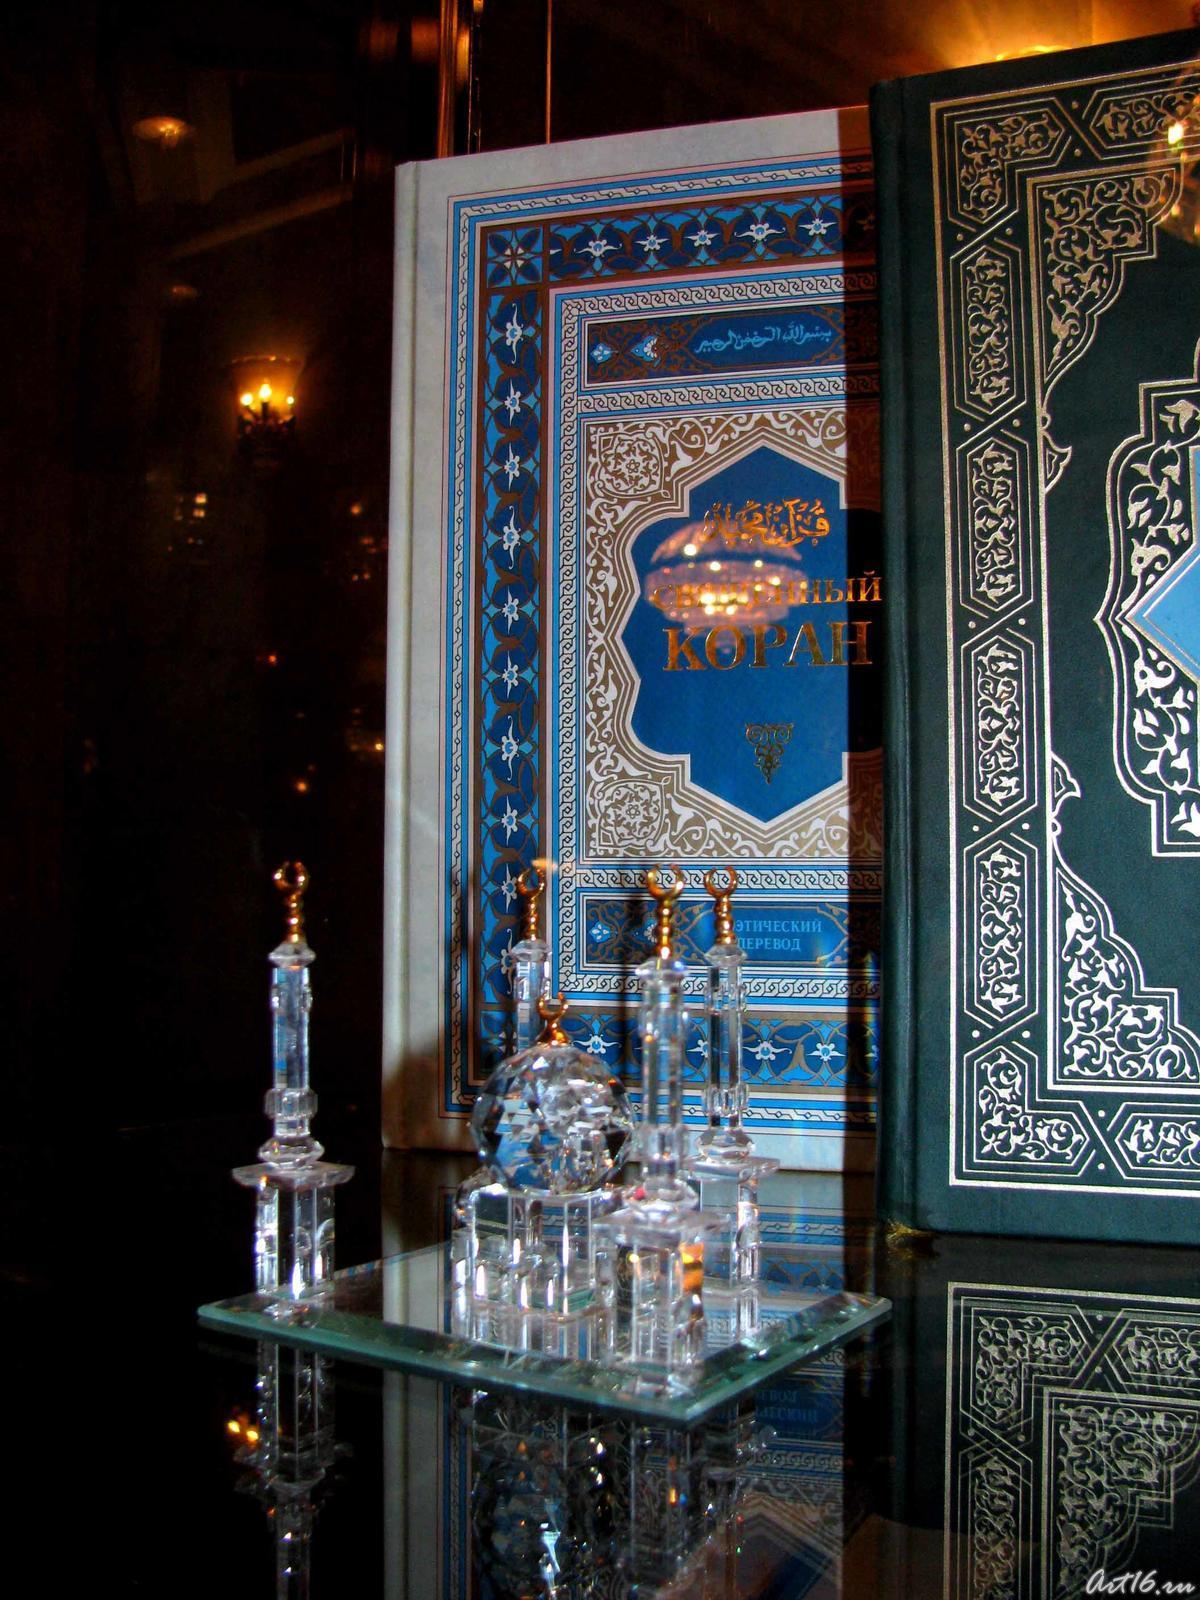 Фото №21906. Кораны, изданные в России_1256